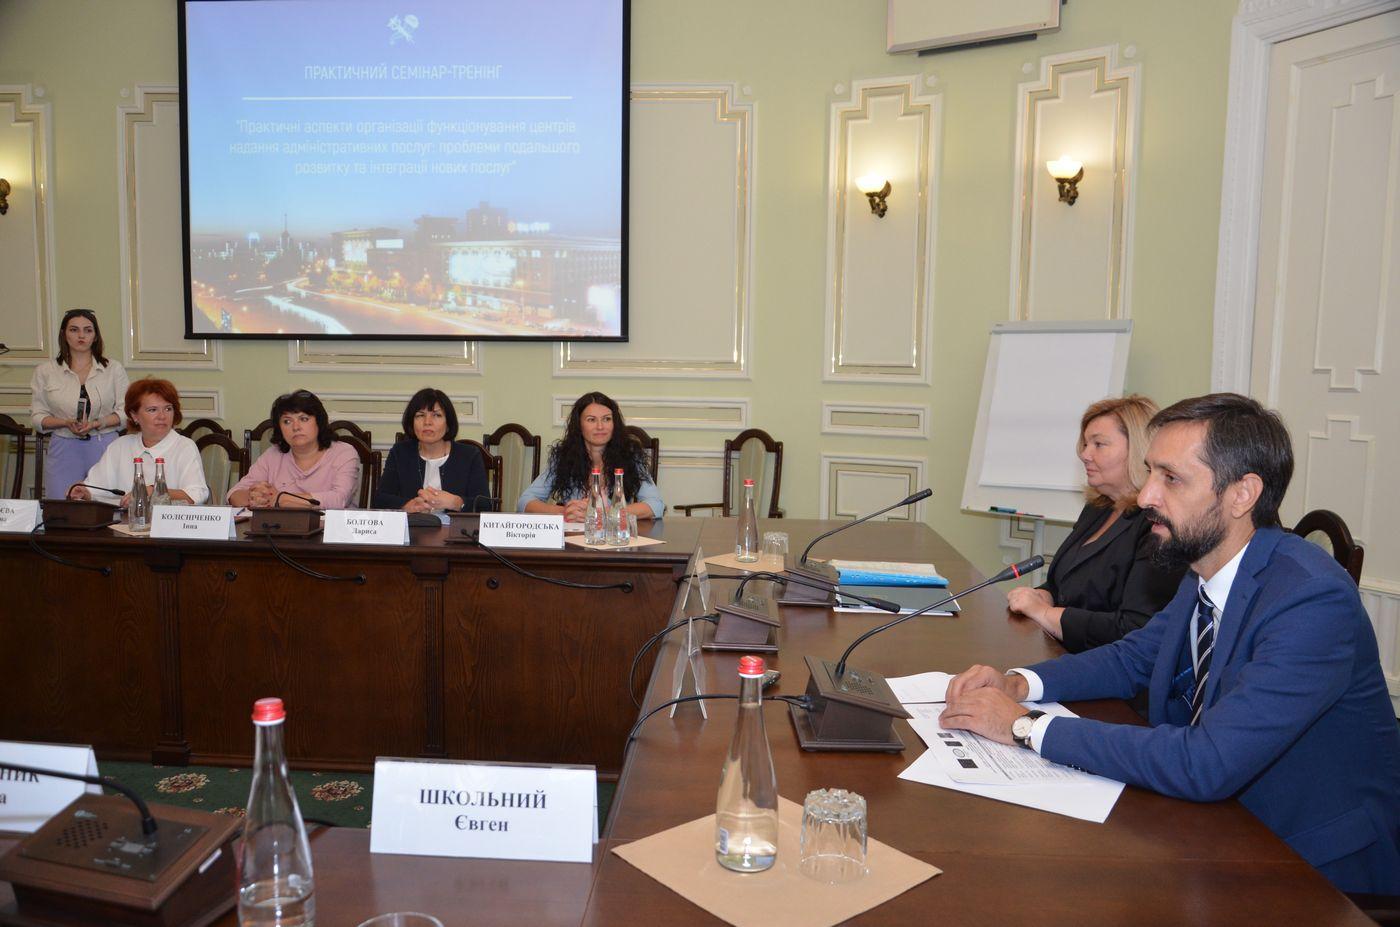 Досвід Харкова в сфері надання послуг приїхали переймати представники з усієї України